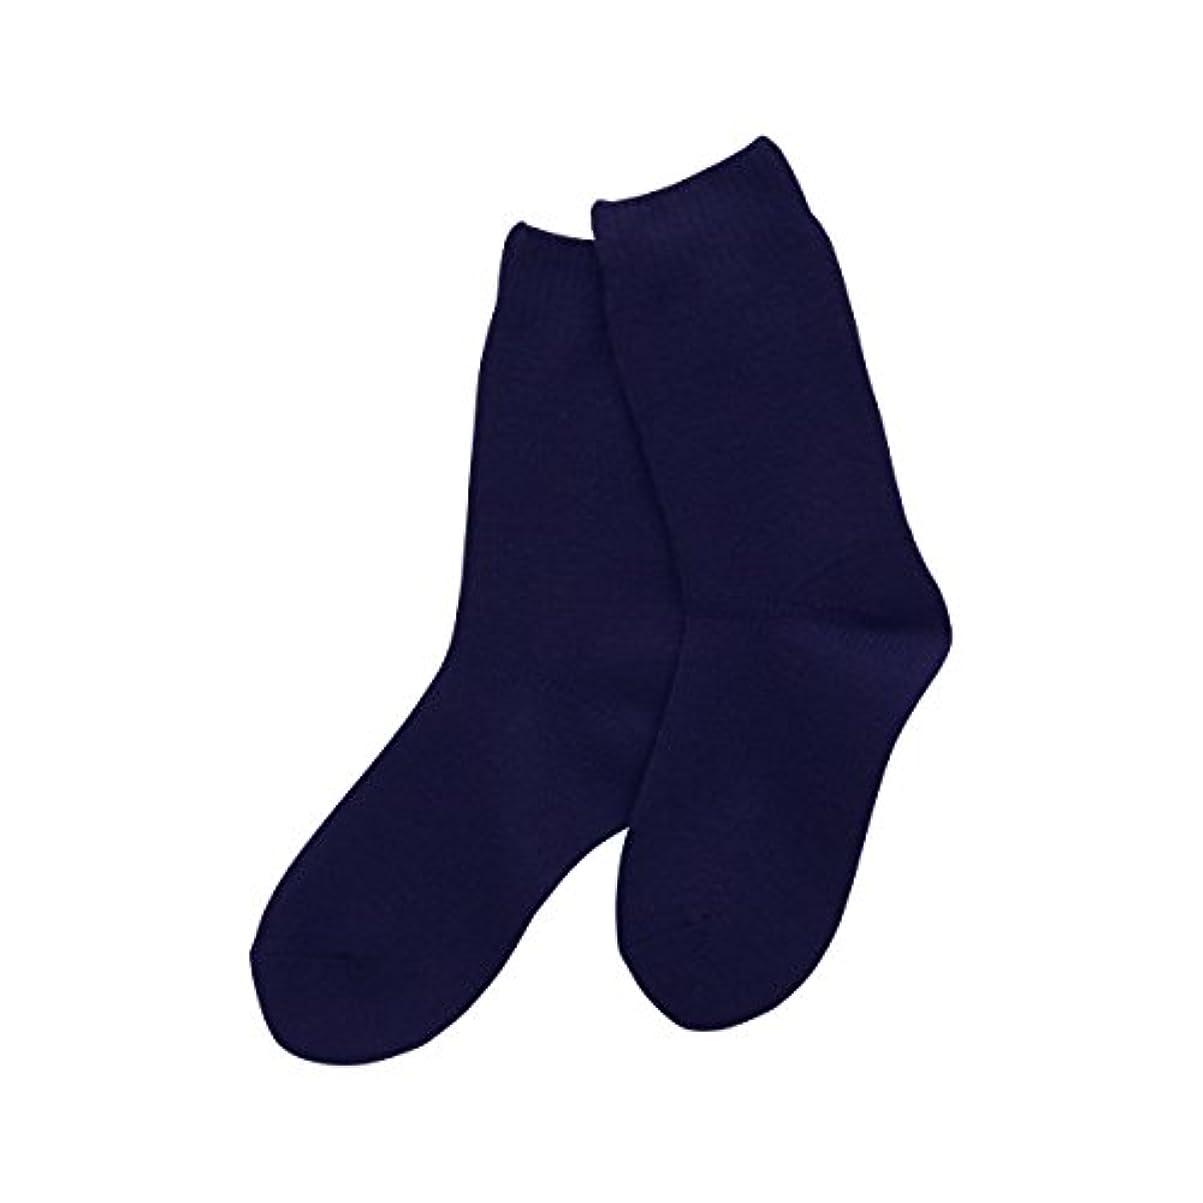 しなければならない漁師熟読する(コベス) KOBES ゴムなし 毛混 超ゆったり特大サイズ 靴下 日本製 紳士靴下